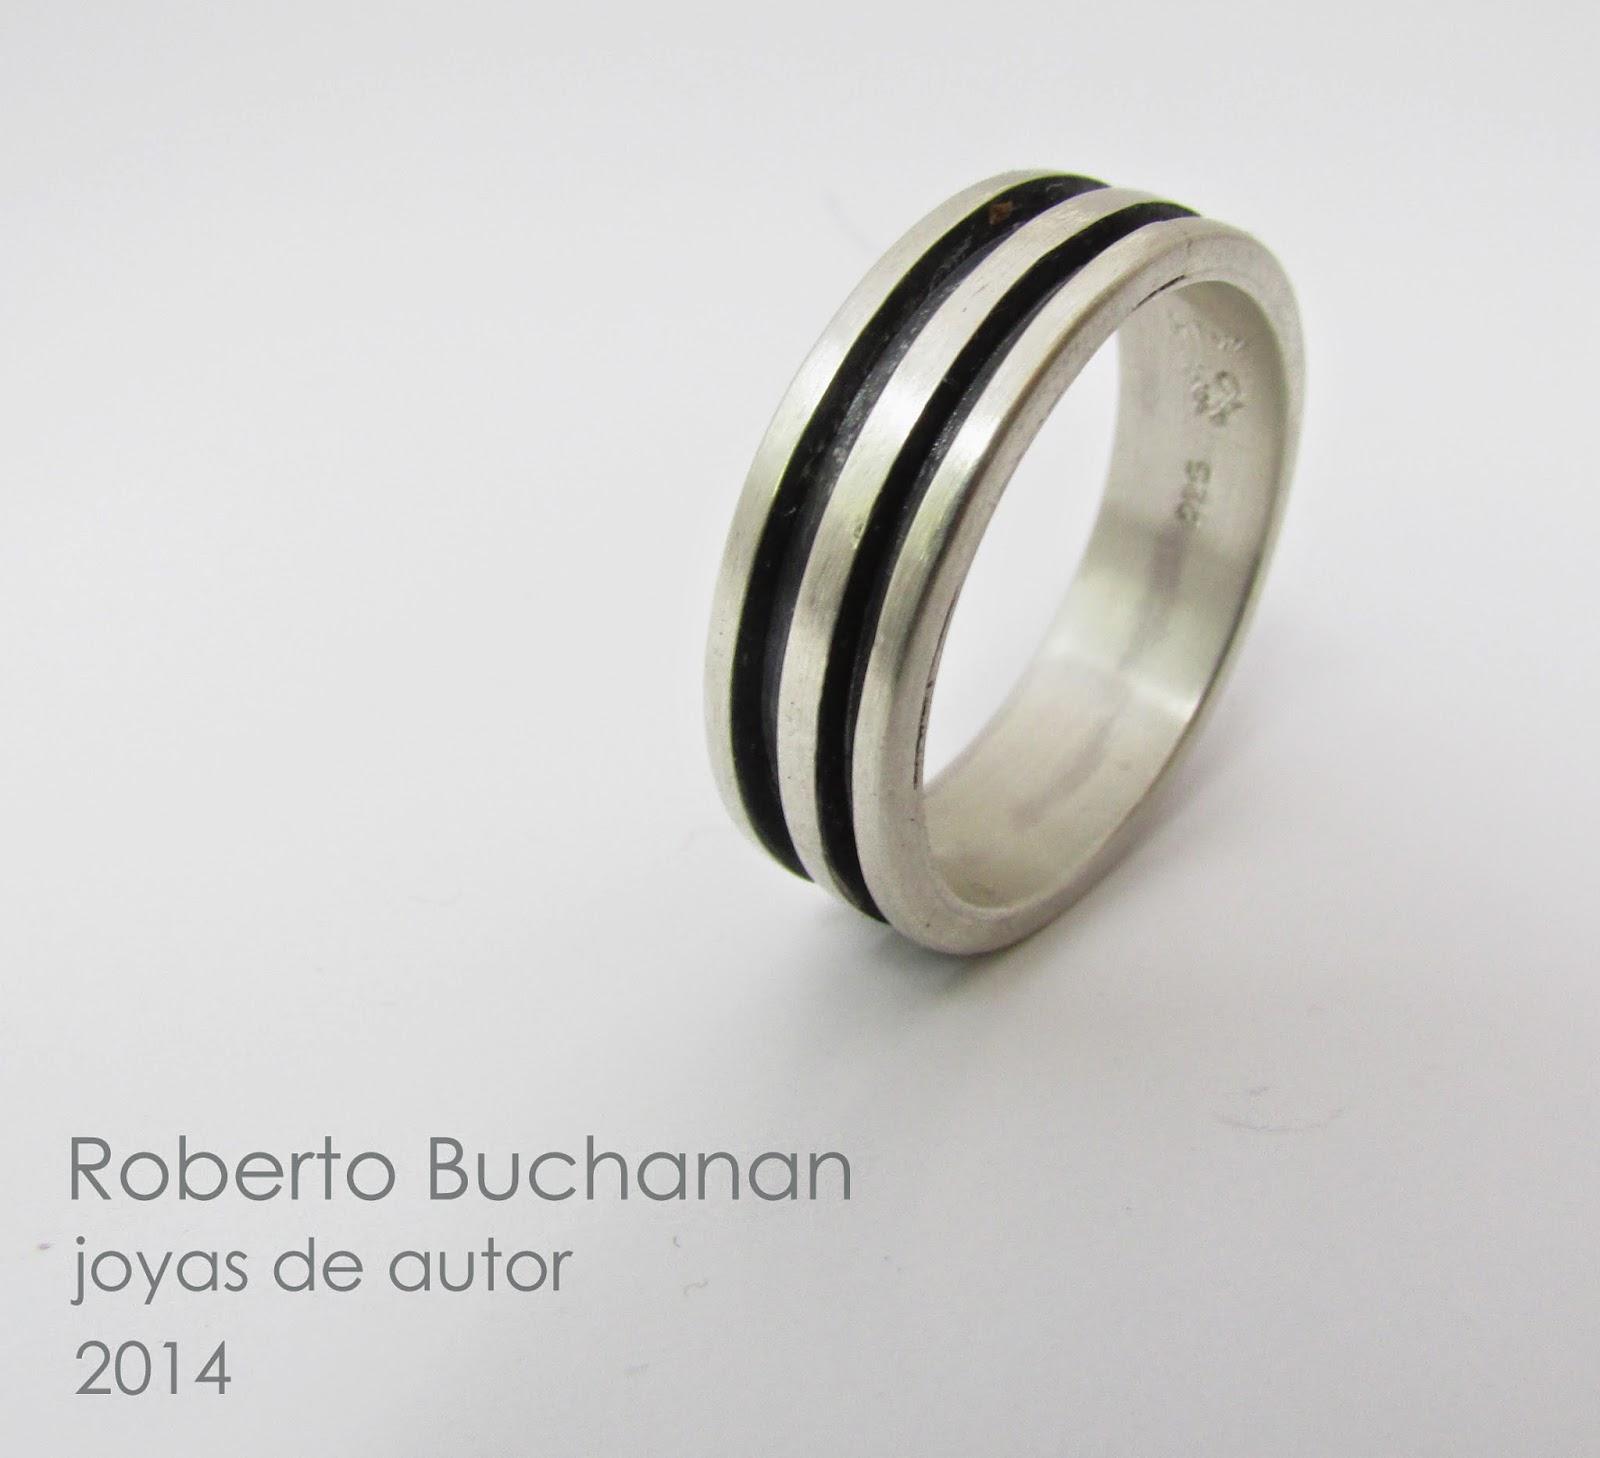 Venta de Anillos para Hombre Argentina Zoara - imagenes de anillos de hombres